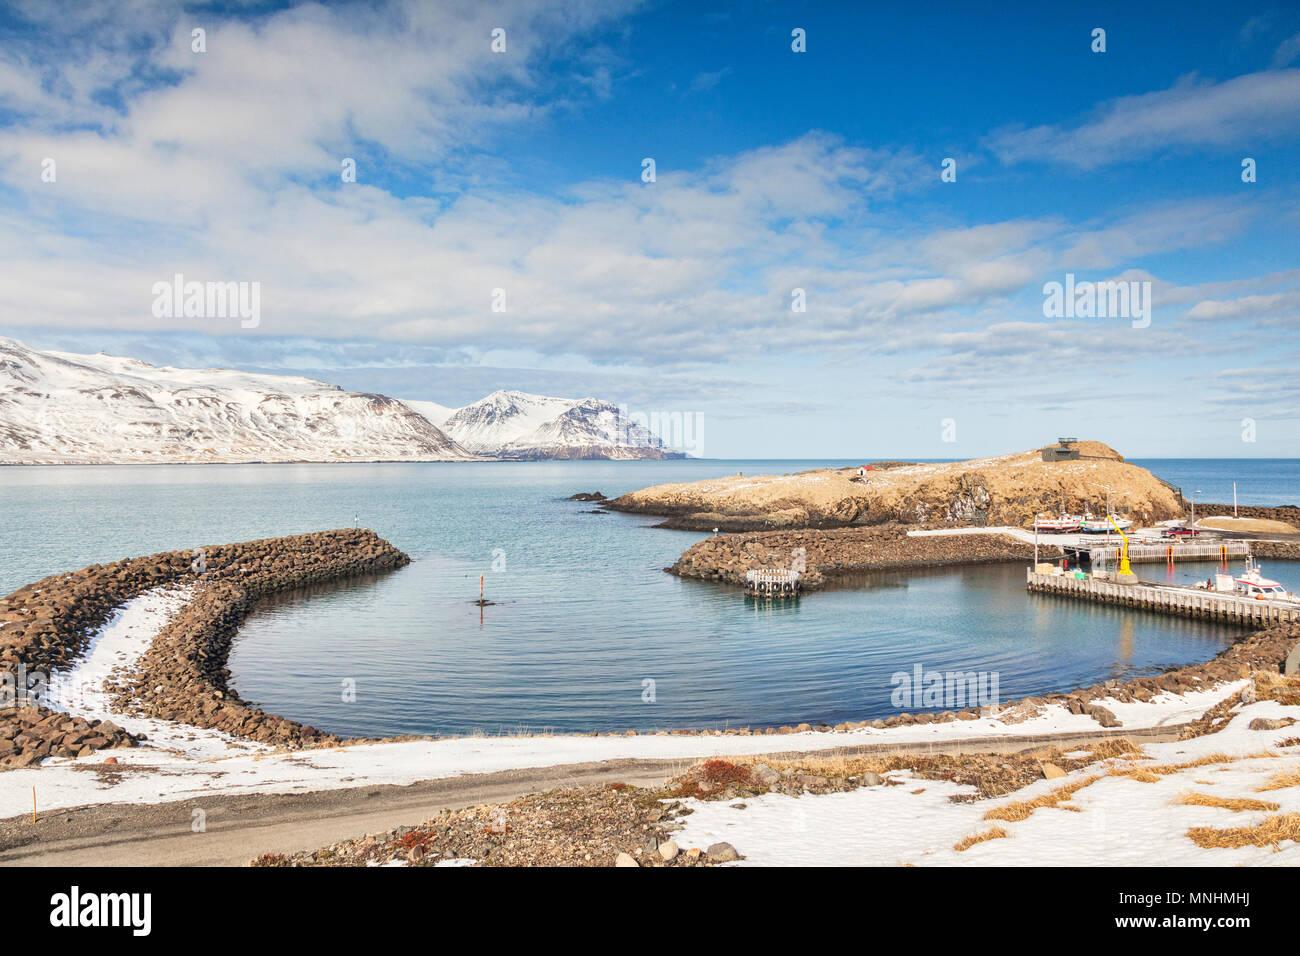 Il piccolo porto di Bakkagerdi in Oriente Islanda su una soleggiata giornata di primavera. Immagini Stock